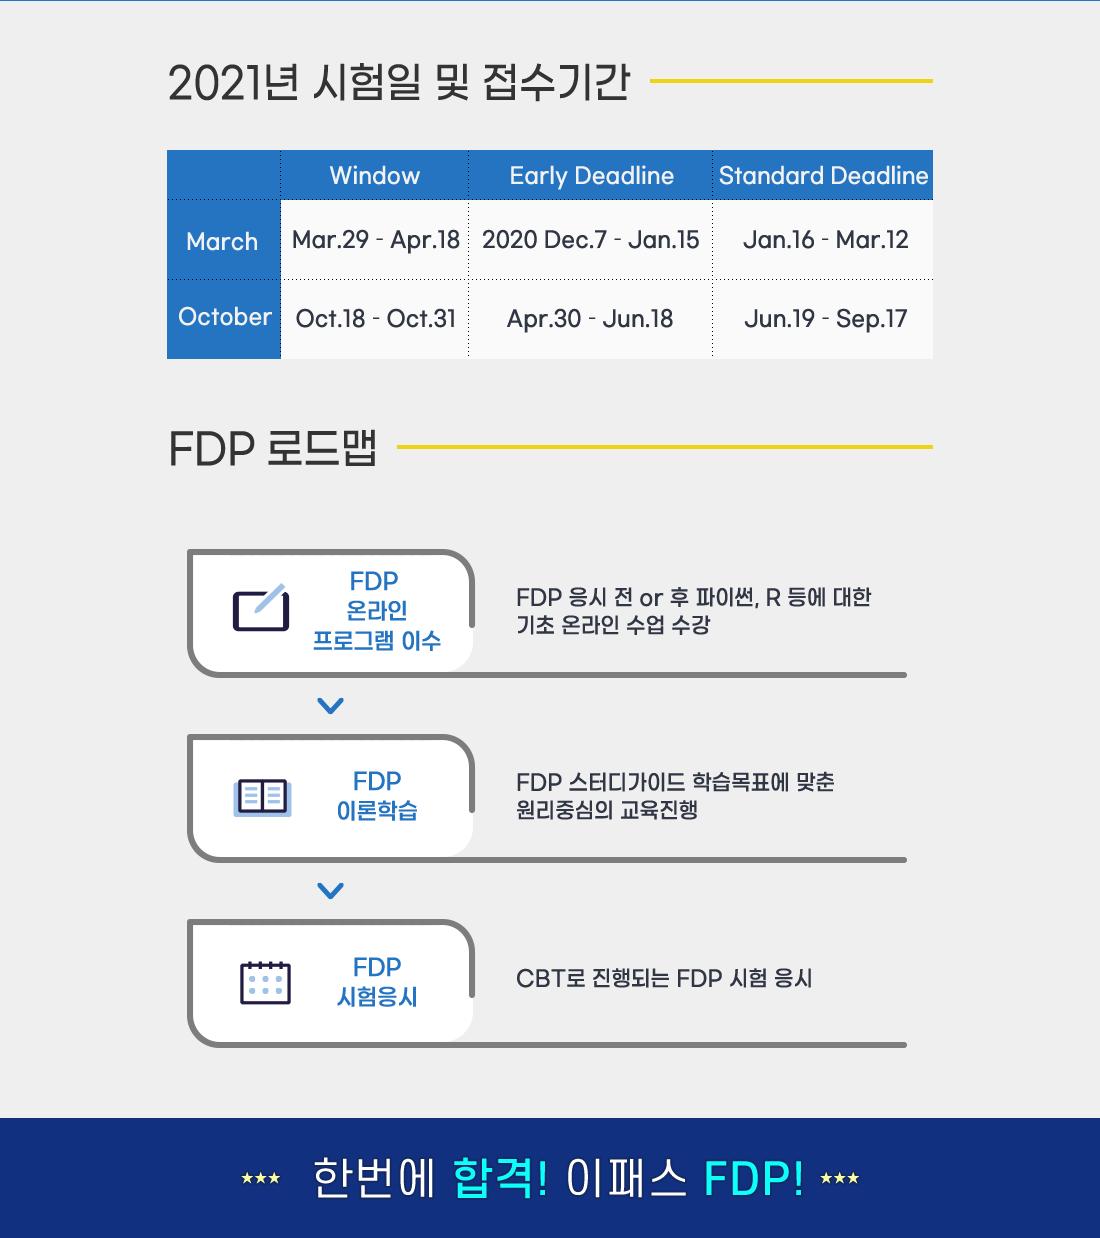 2021년 시험일 및 접수기간& FDP 로드맵